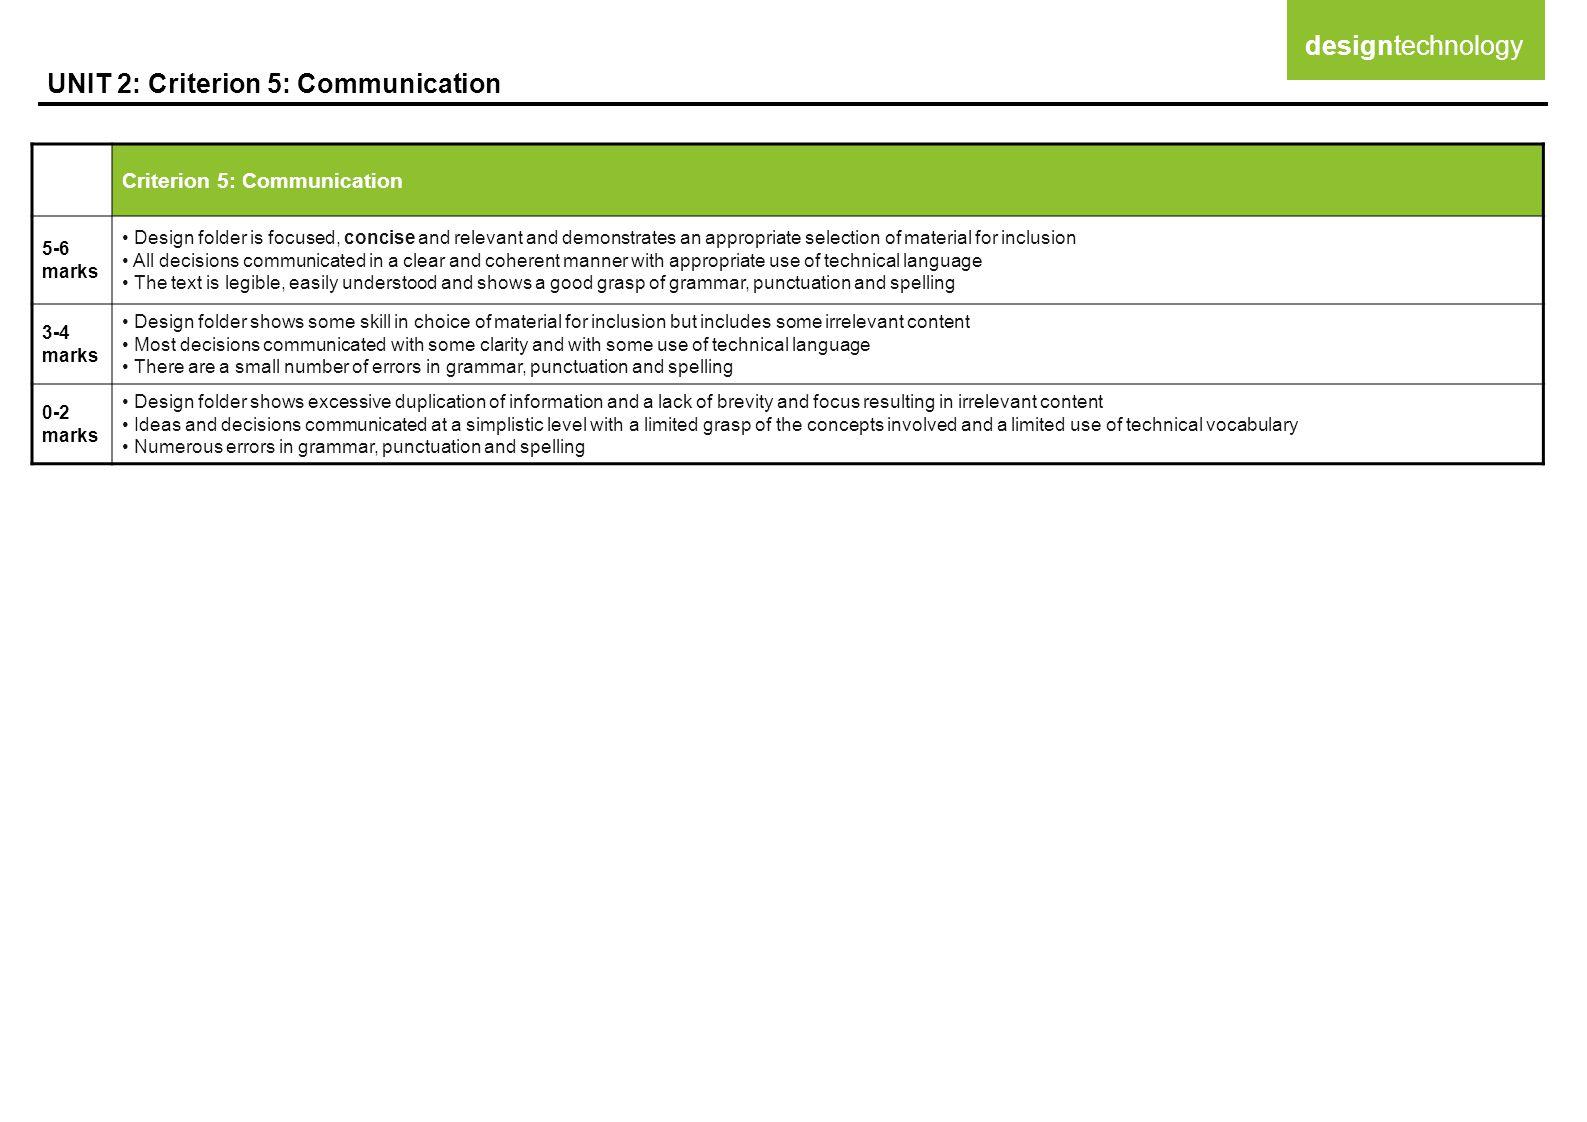 UNIT 2: Criterion 5: Communication